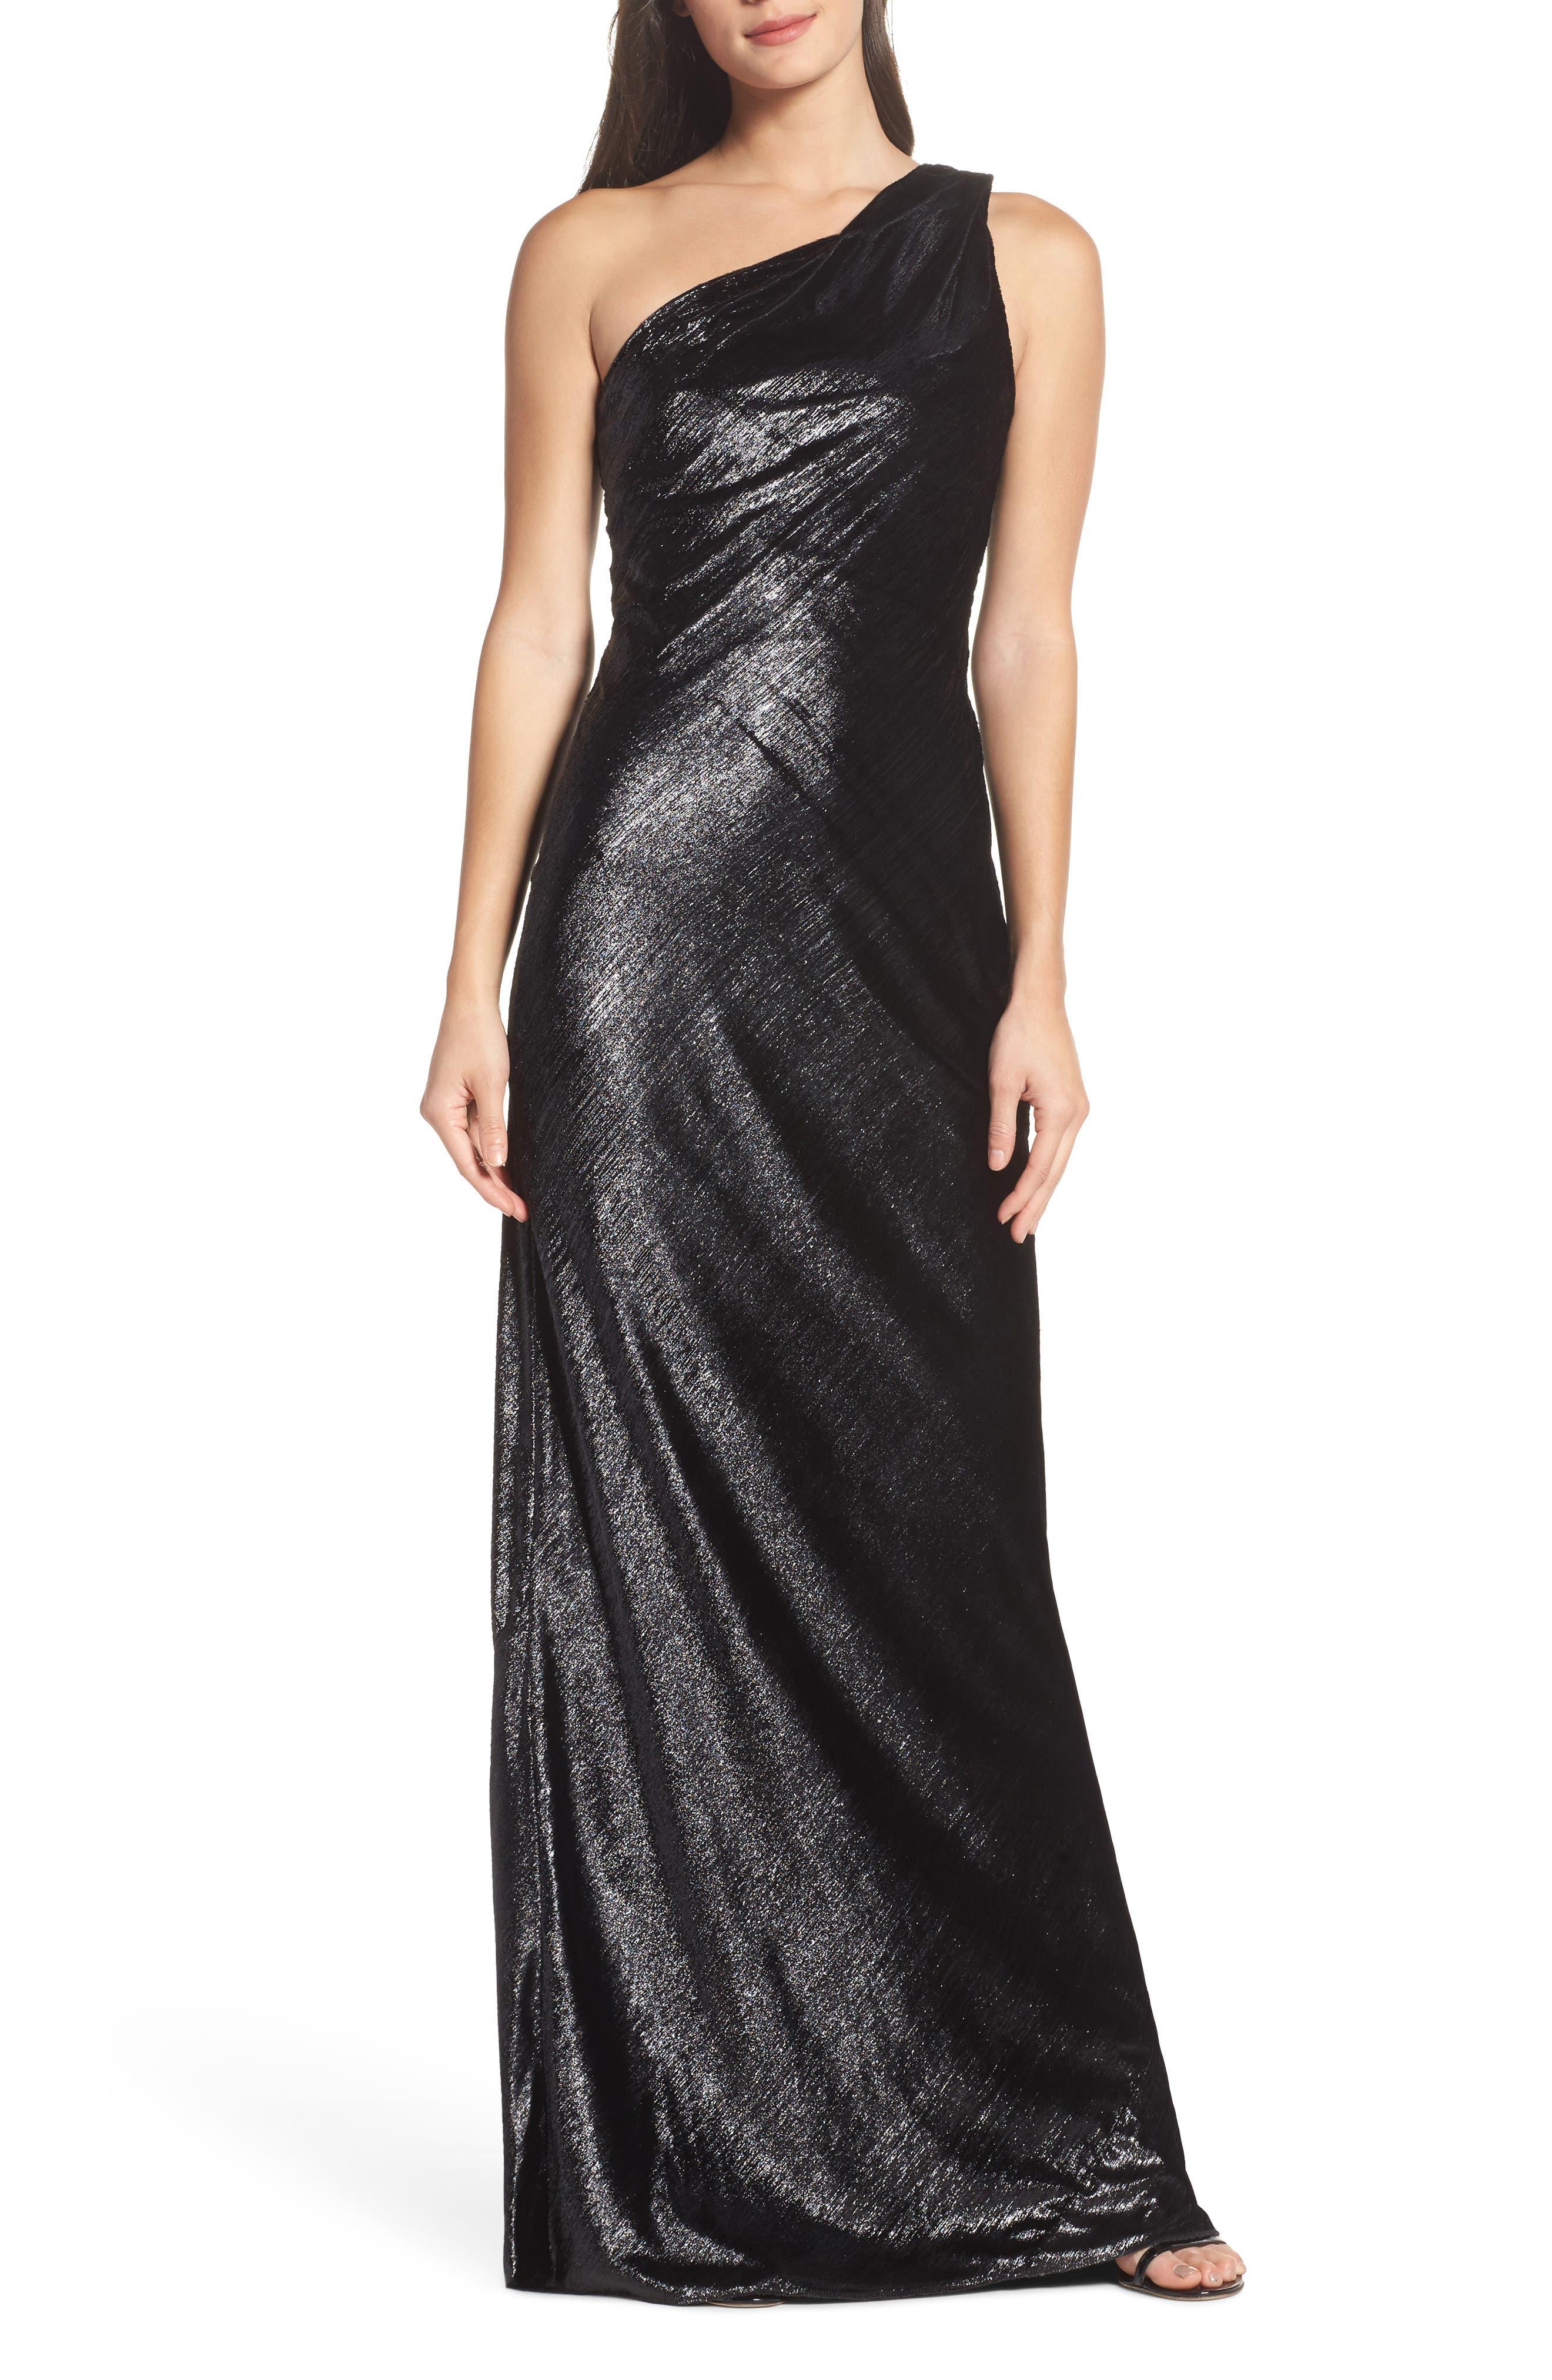 Maria Bianca Nero Stelle Metallic Velvet One-Shoulder Gown